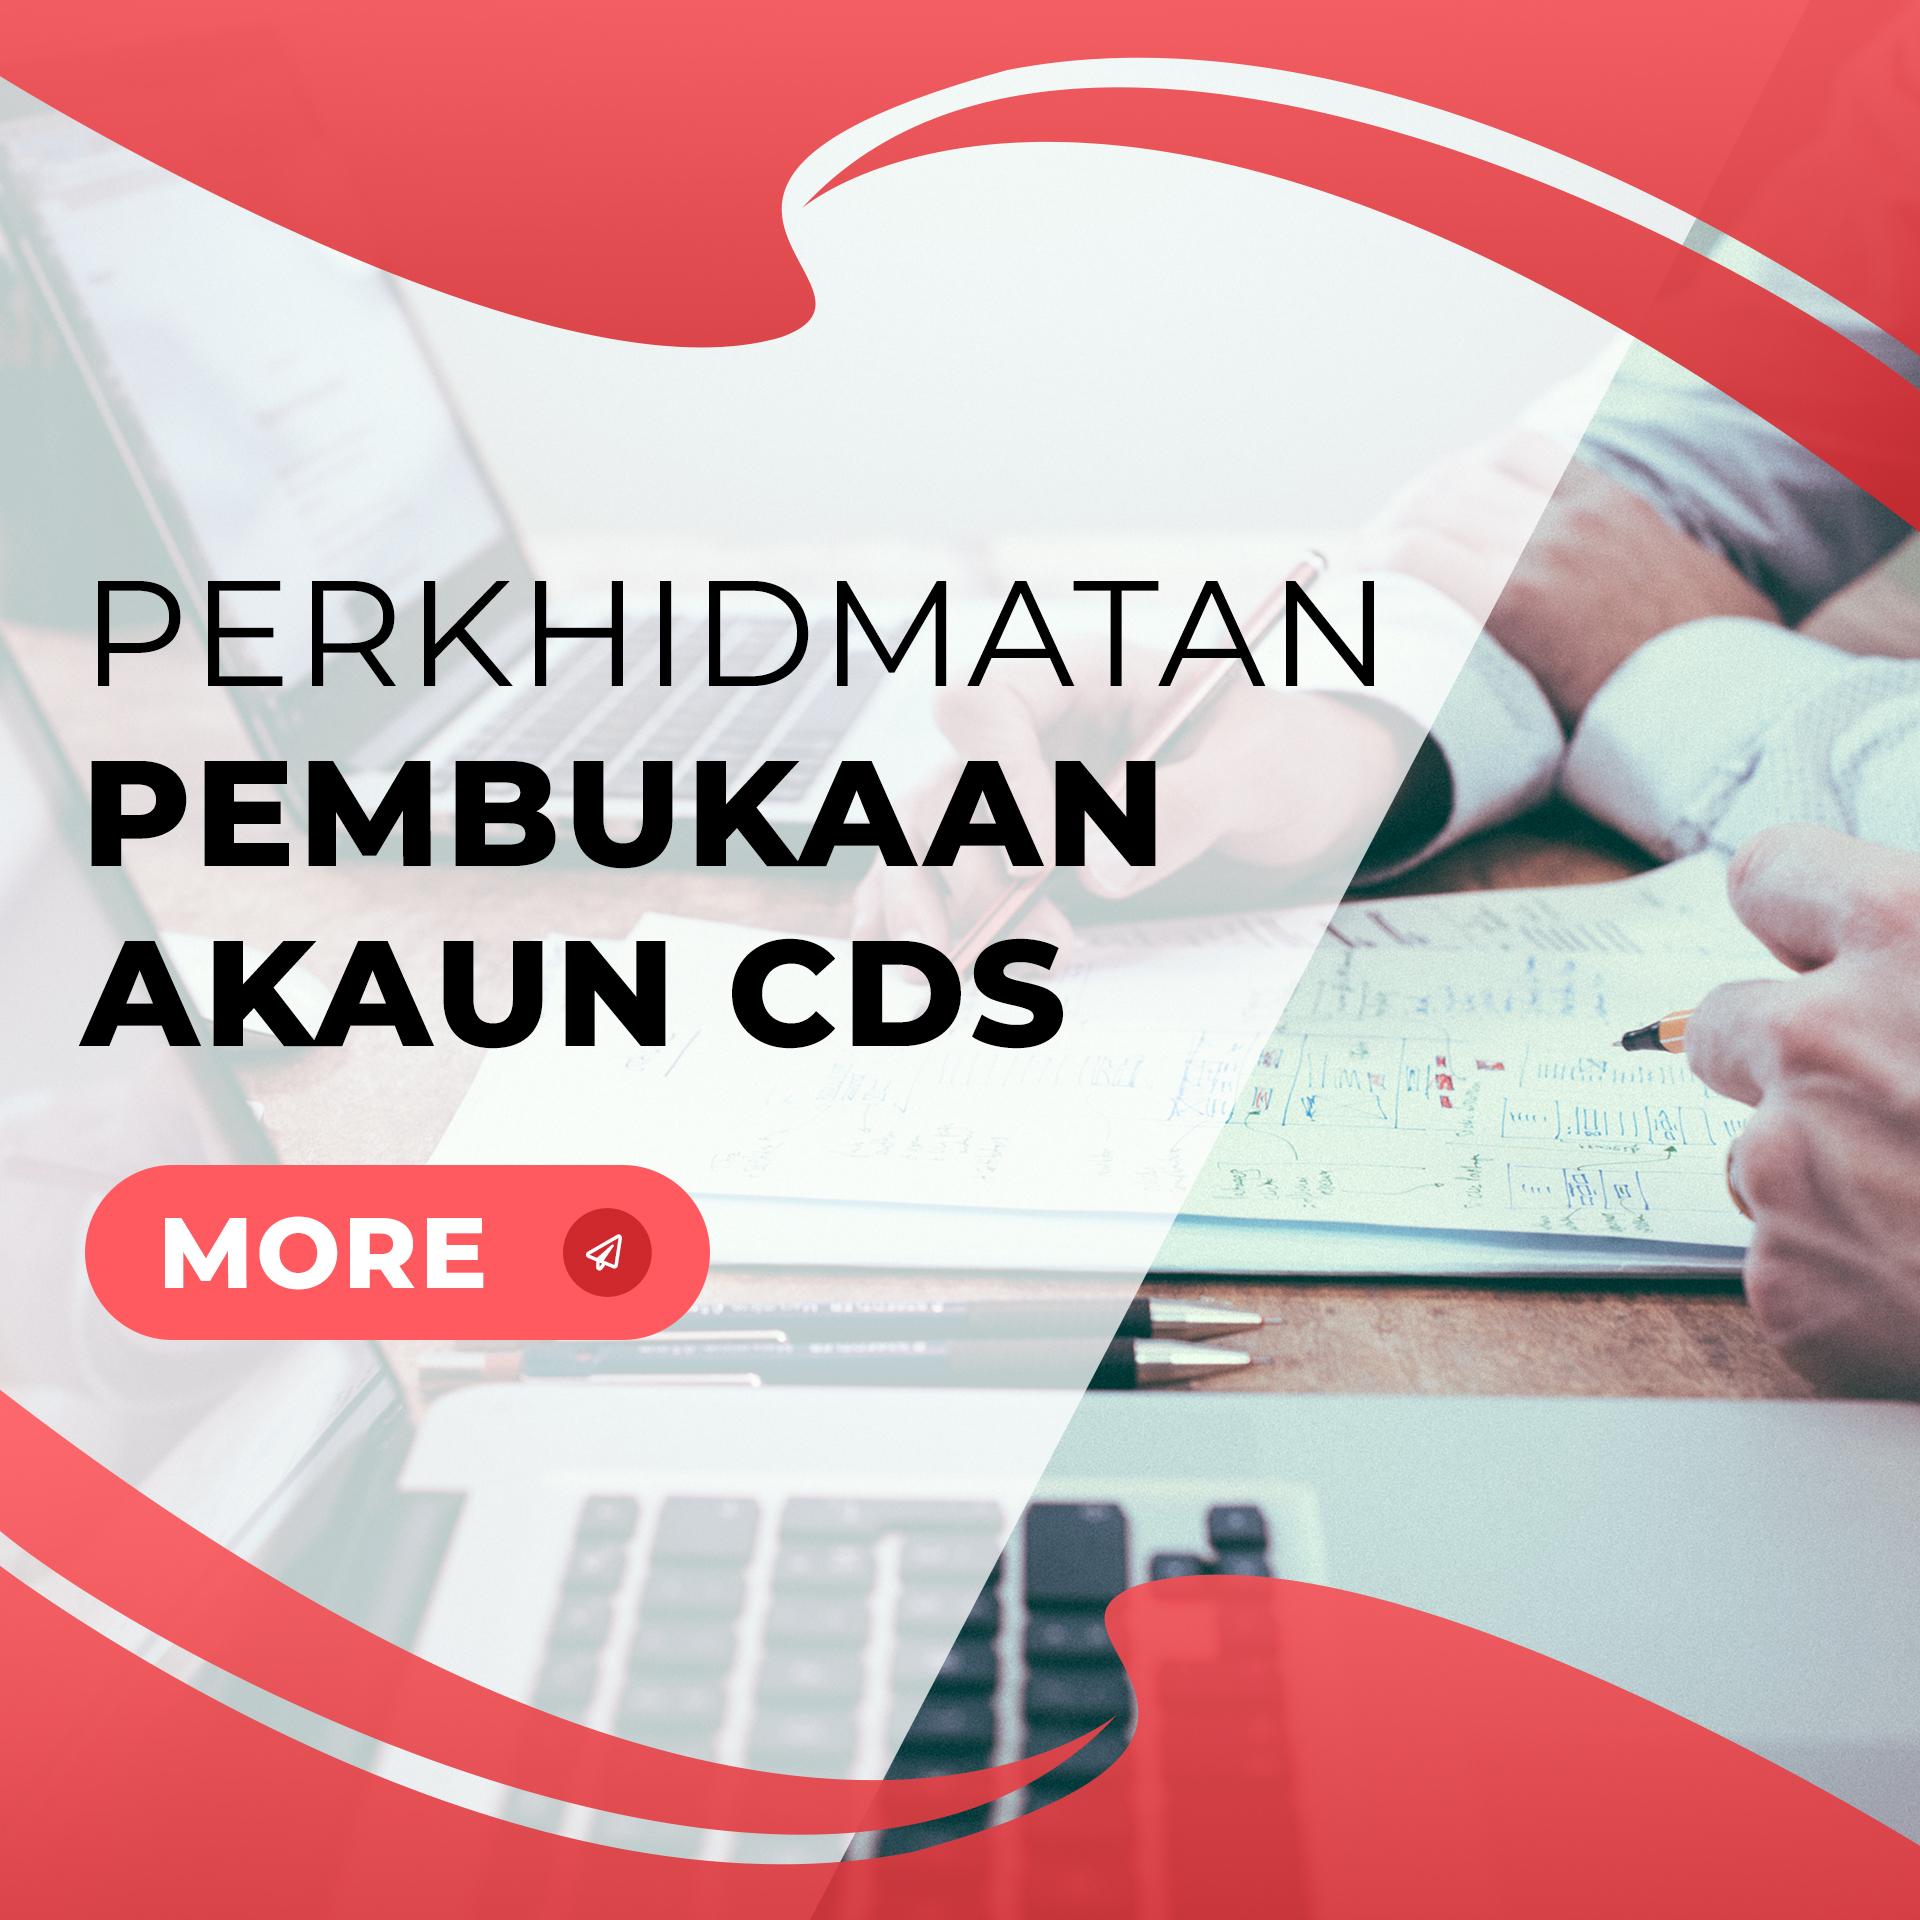 Perkhidmatan pembukaan akaun CDS